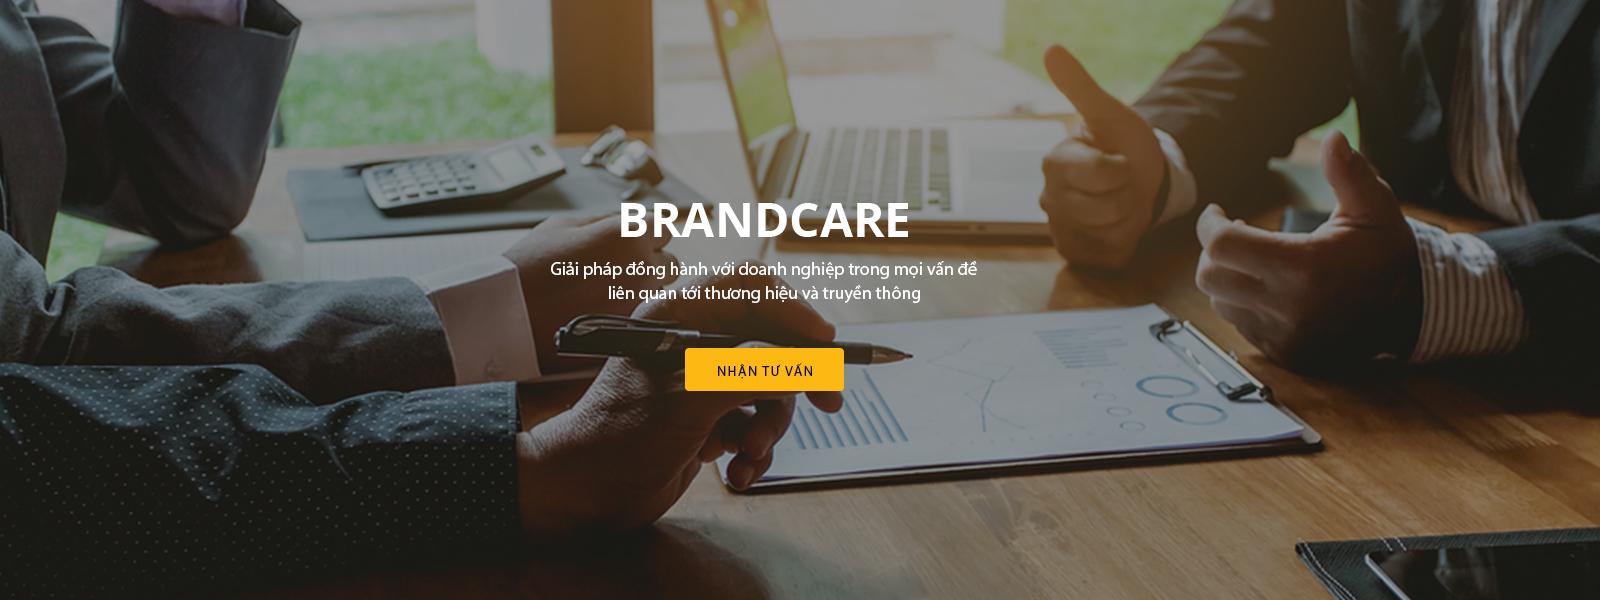 brandcare